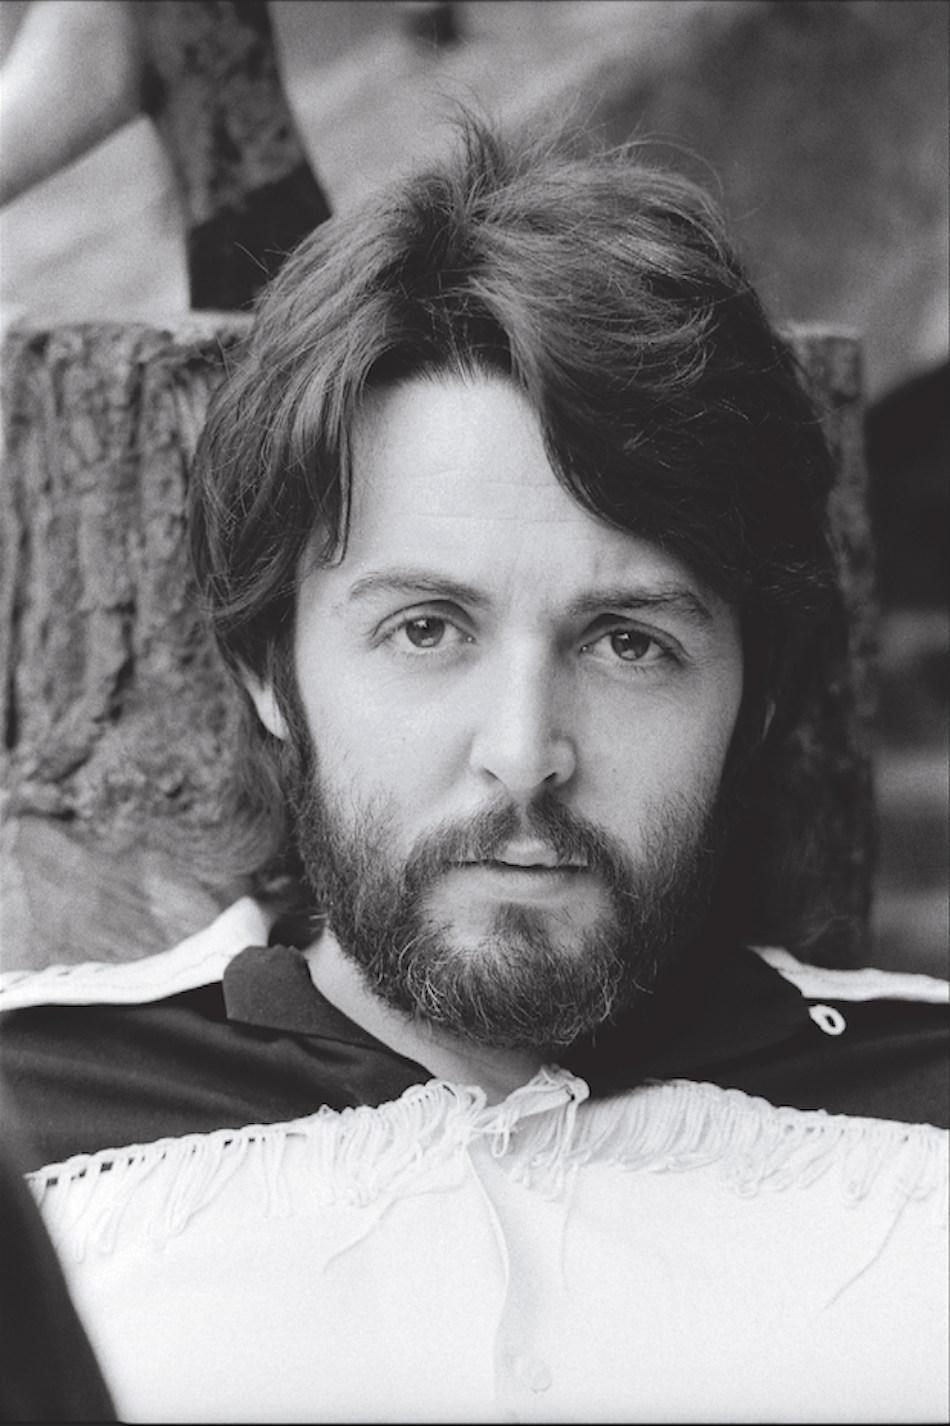 Paul McCartney Foto di Linda McCartney